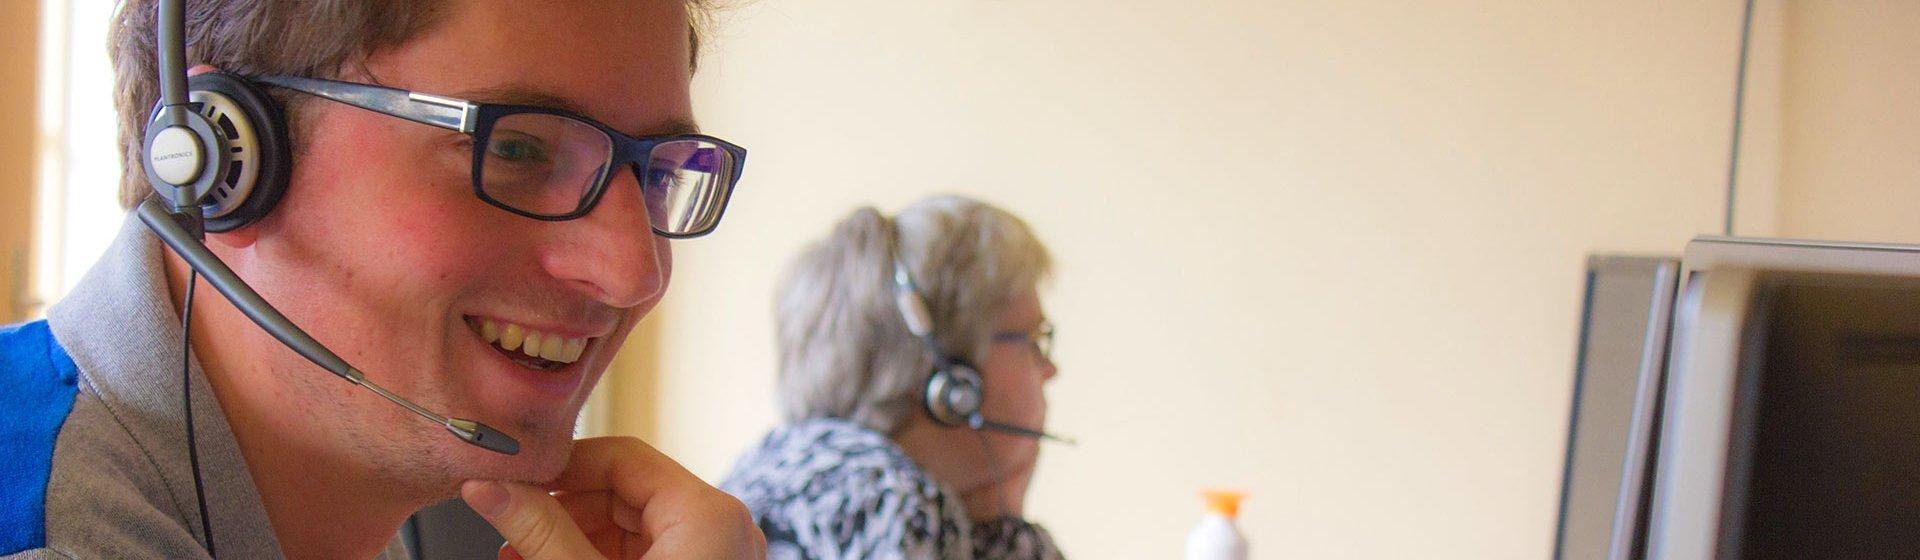 Overlijdensrisicoverzekering: waarom krijg je vragen over je financiële situatie?